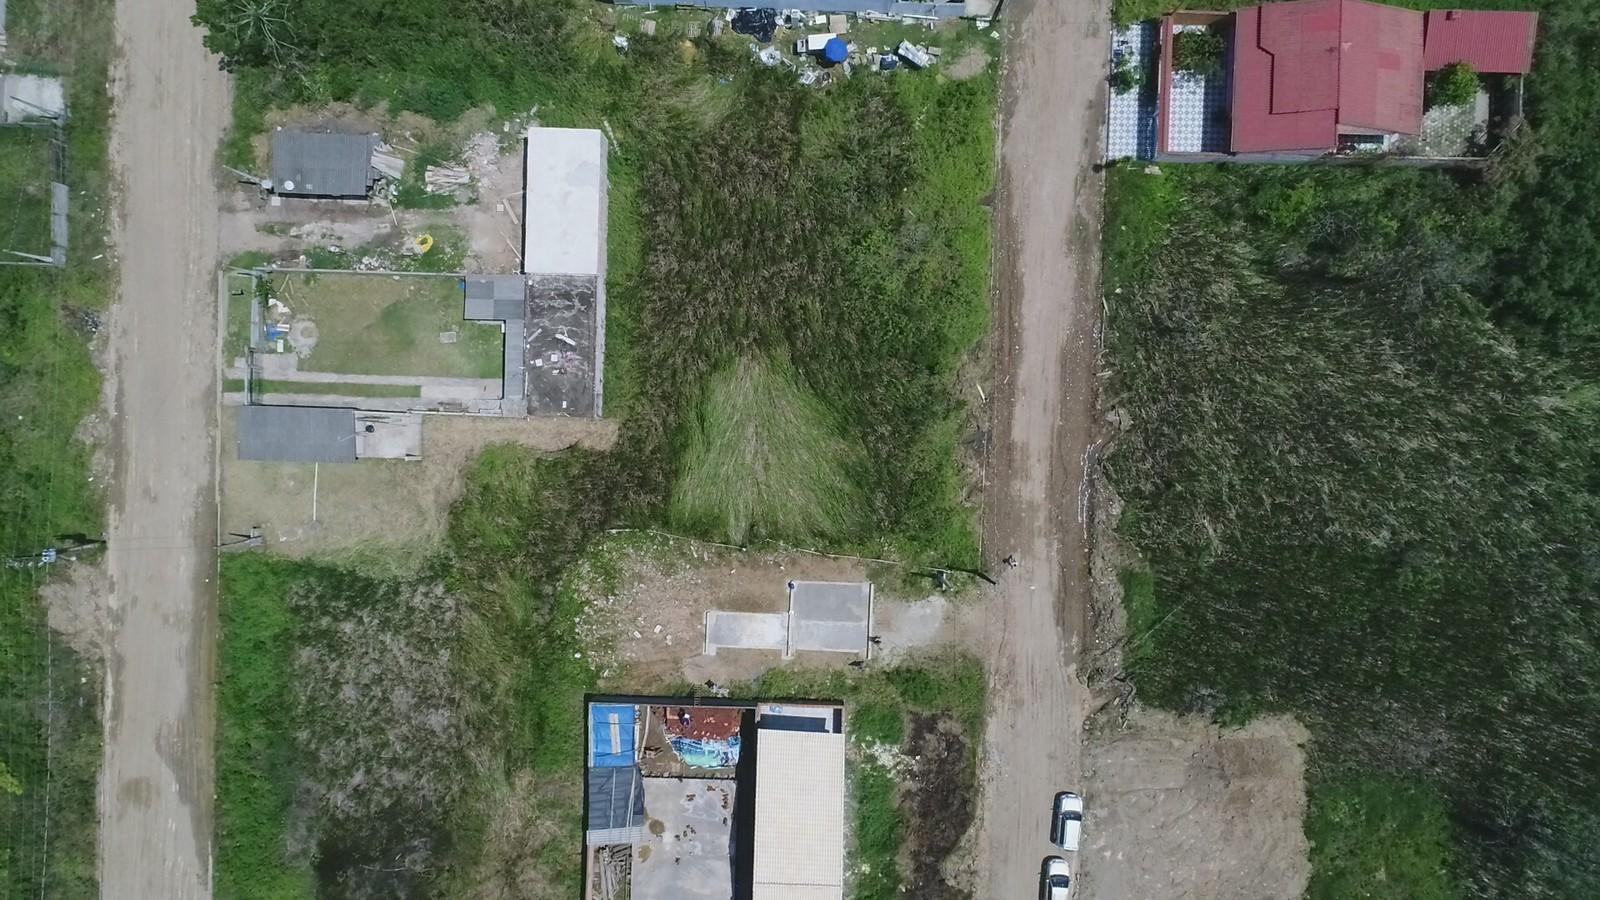 Local de pouso fica em meio às casas do bairro São João Batista, em Peruíbe (Foto: Edilson Almeida/Prefeitura de Peruíbe)